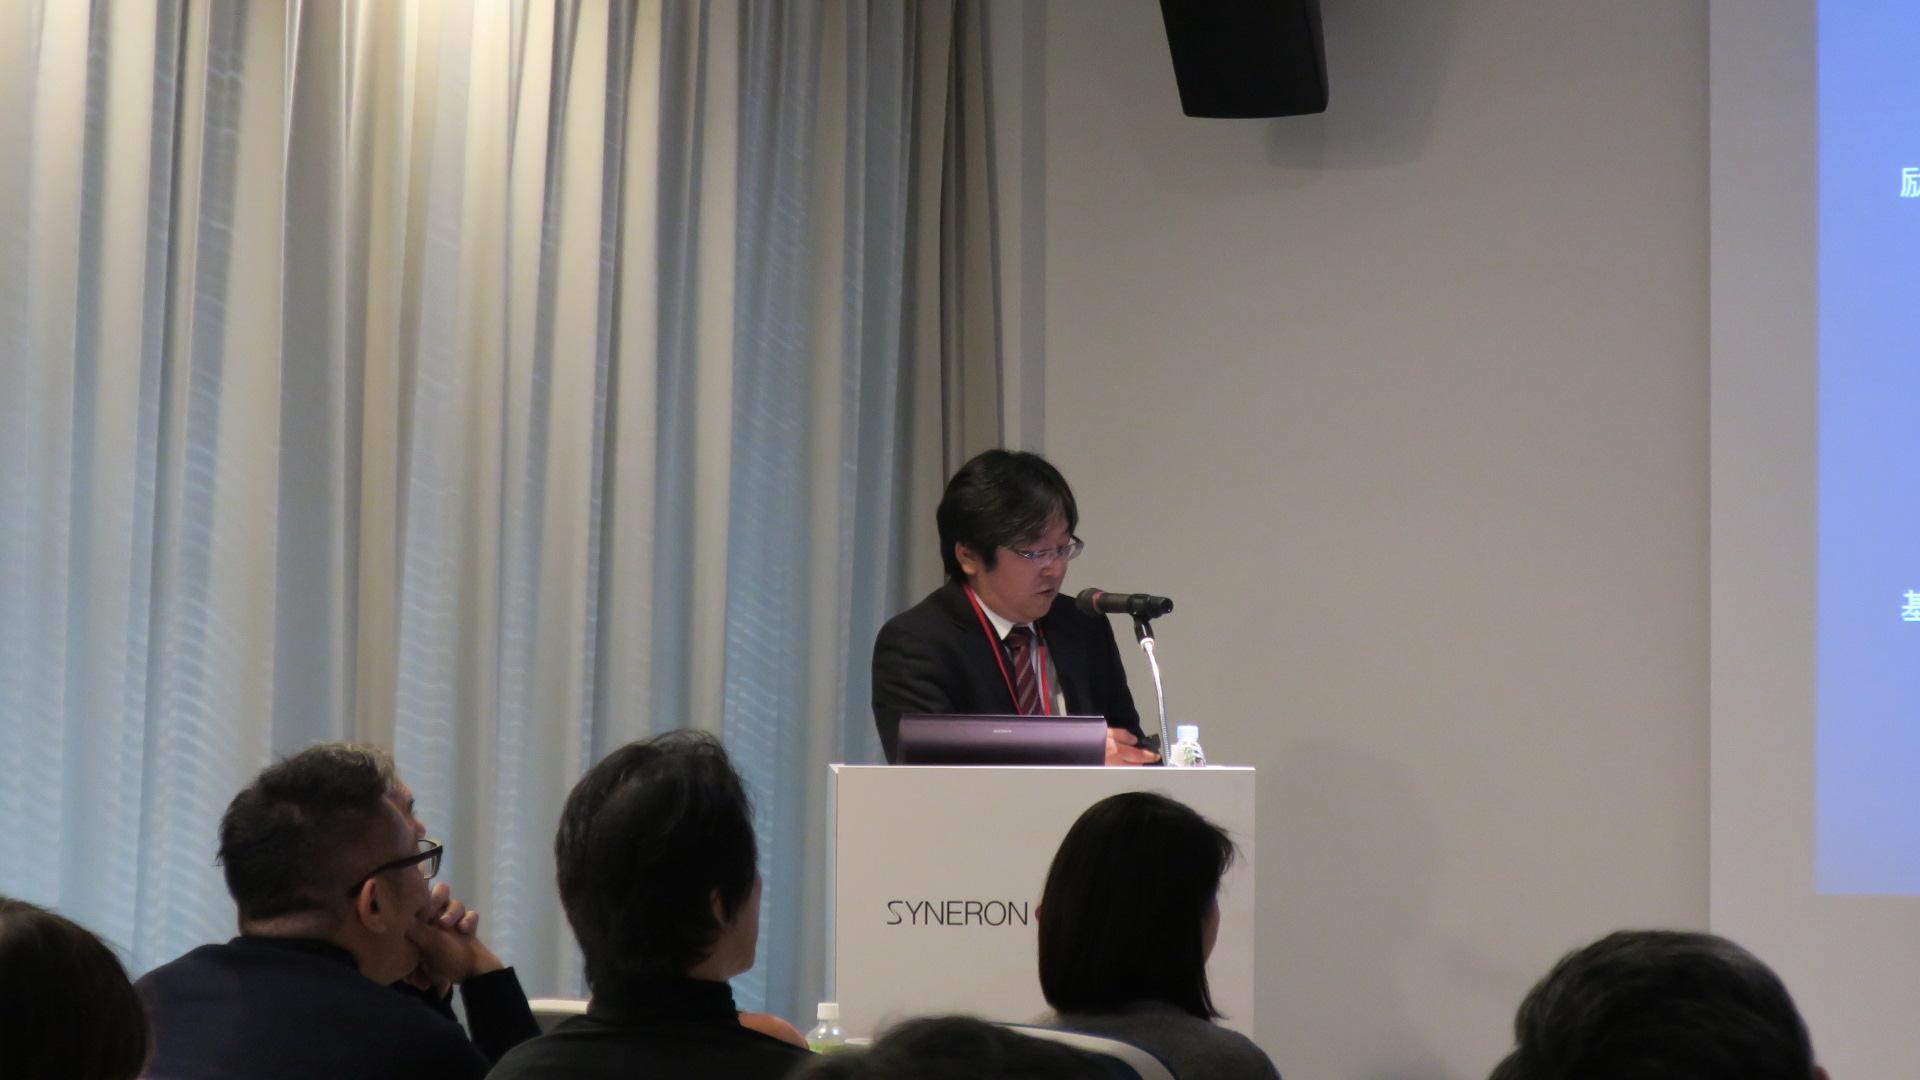 シネロンキャンデラ社にて行なわれた院長の講演